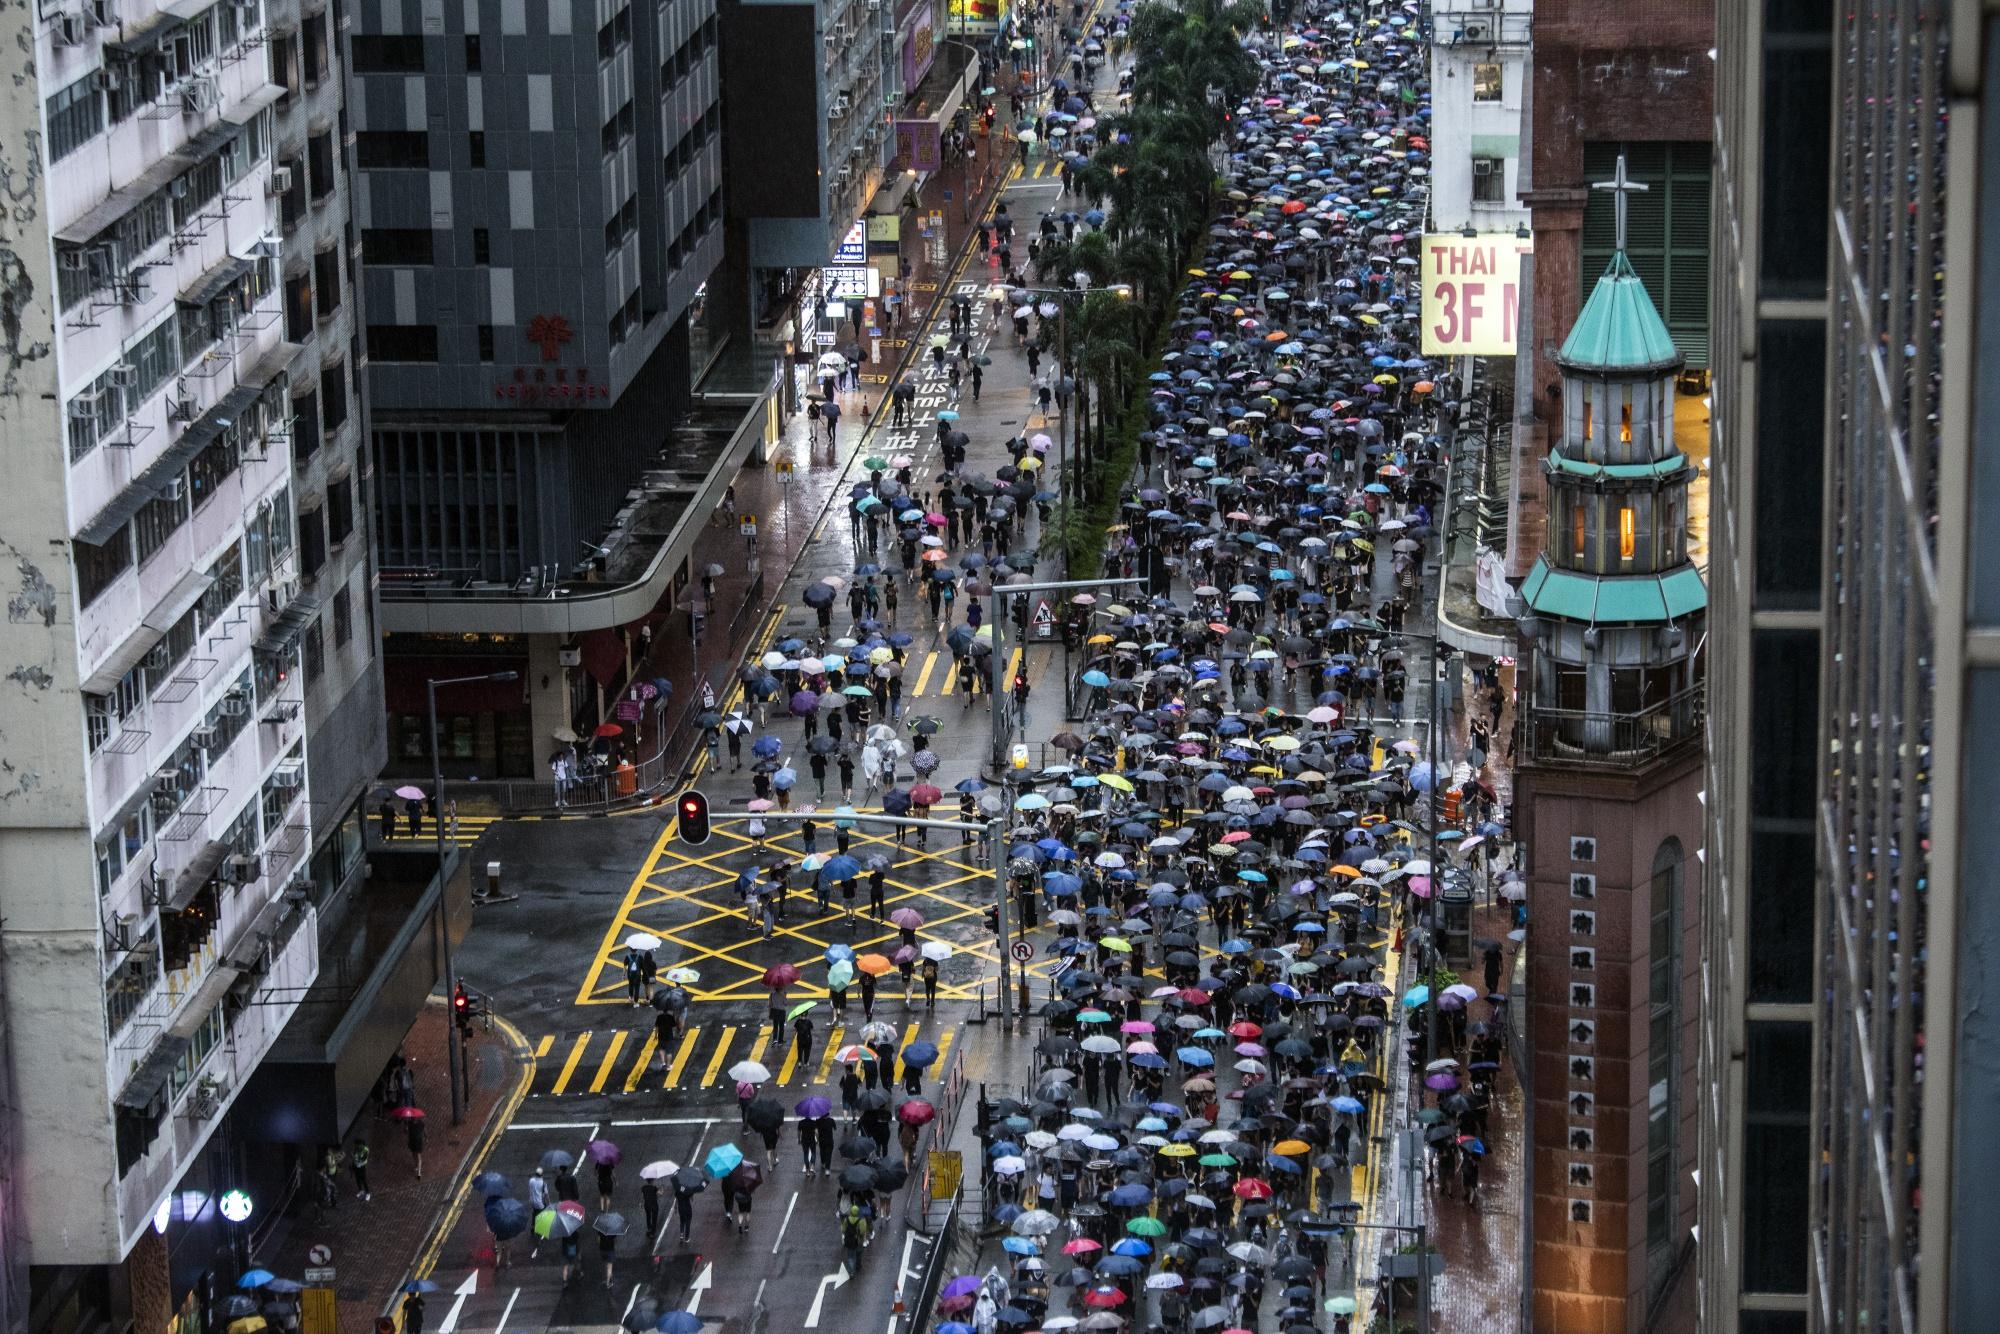 香港の著名民主派を「四人組」と個人攻撃-対応に苦慮する中国 - Bloomberg